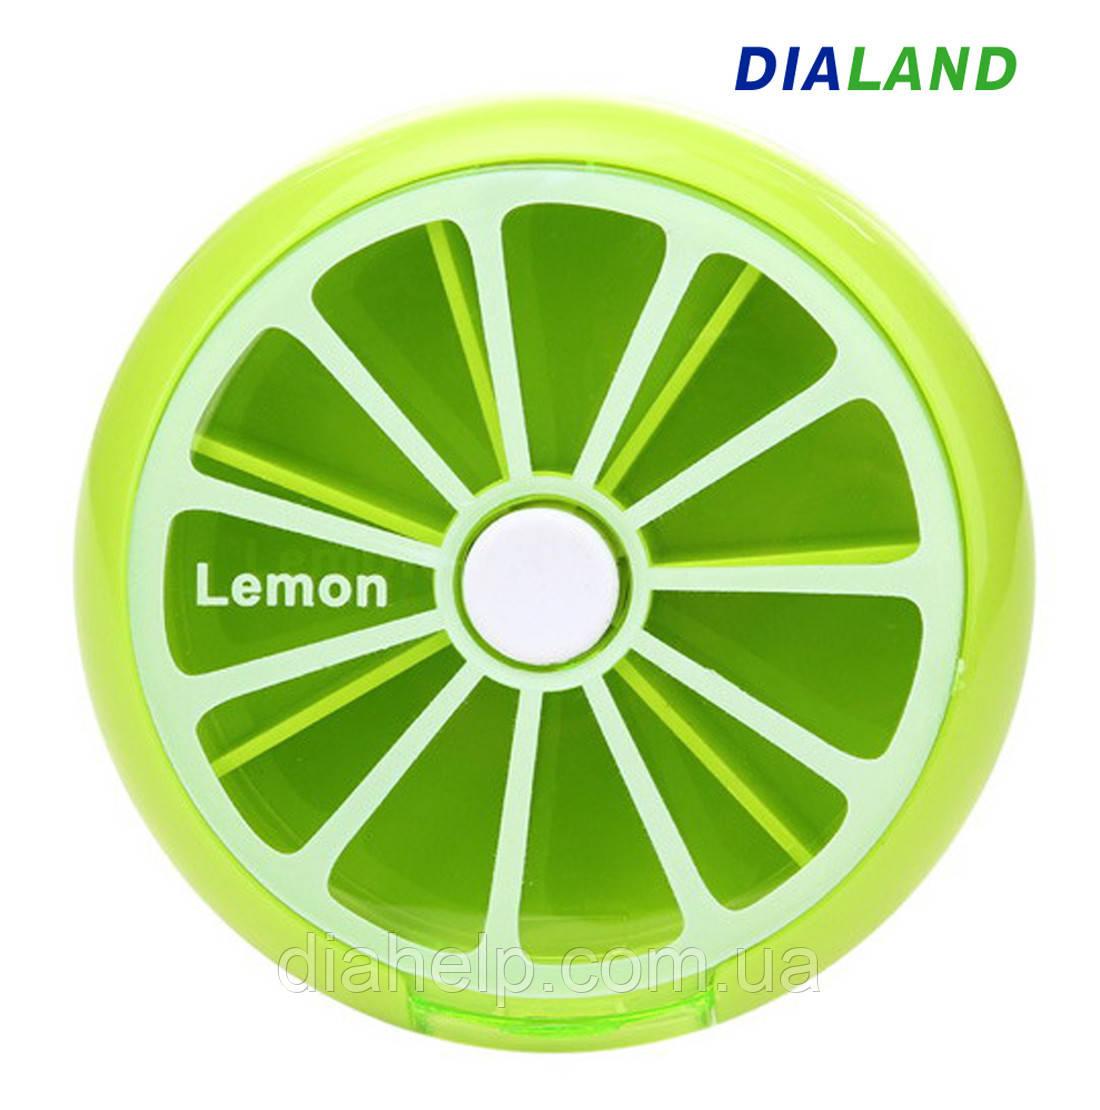 Таблетница PILL BOX (органайзер для таблеток) Lemon